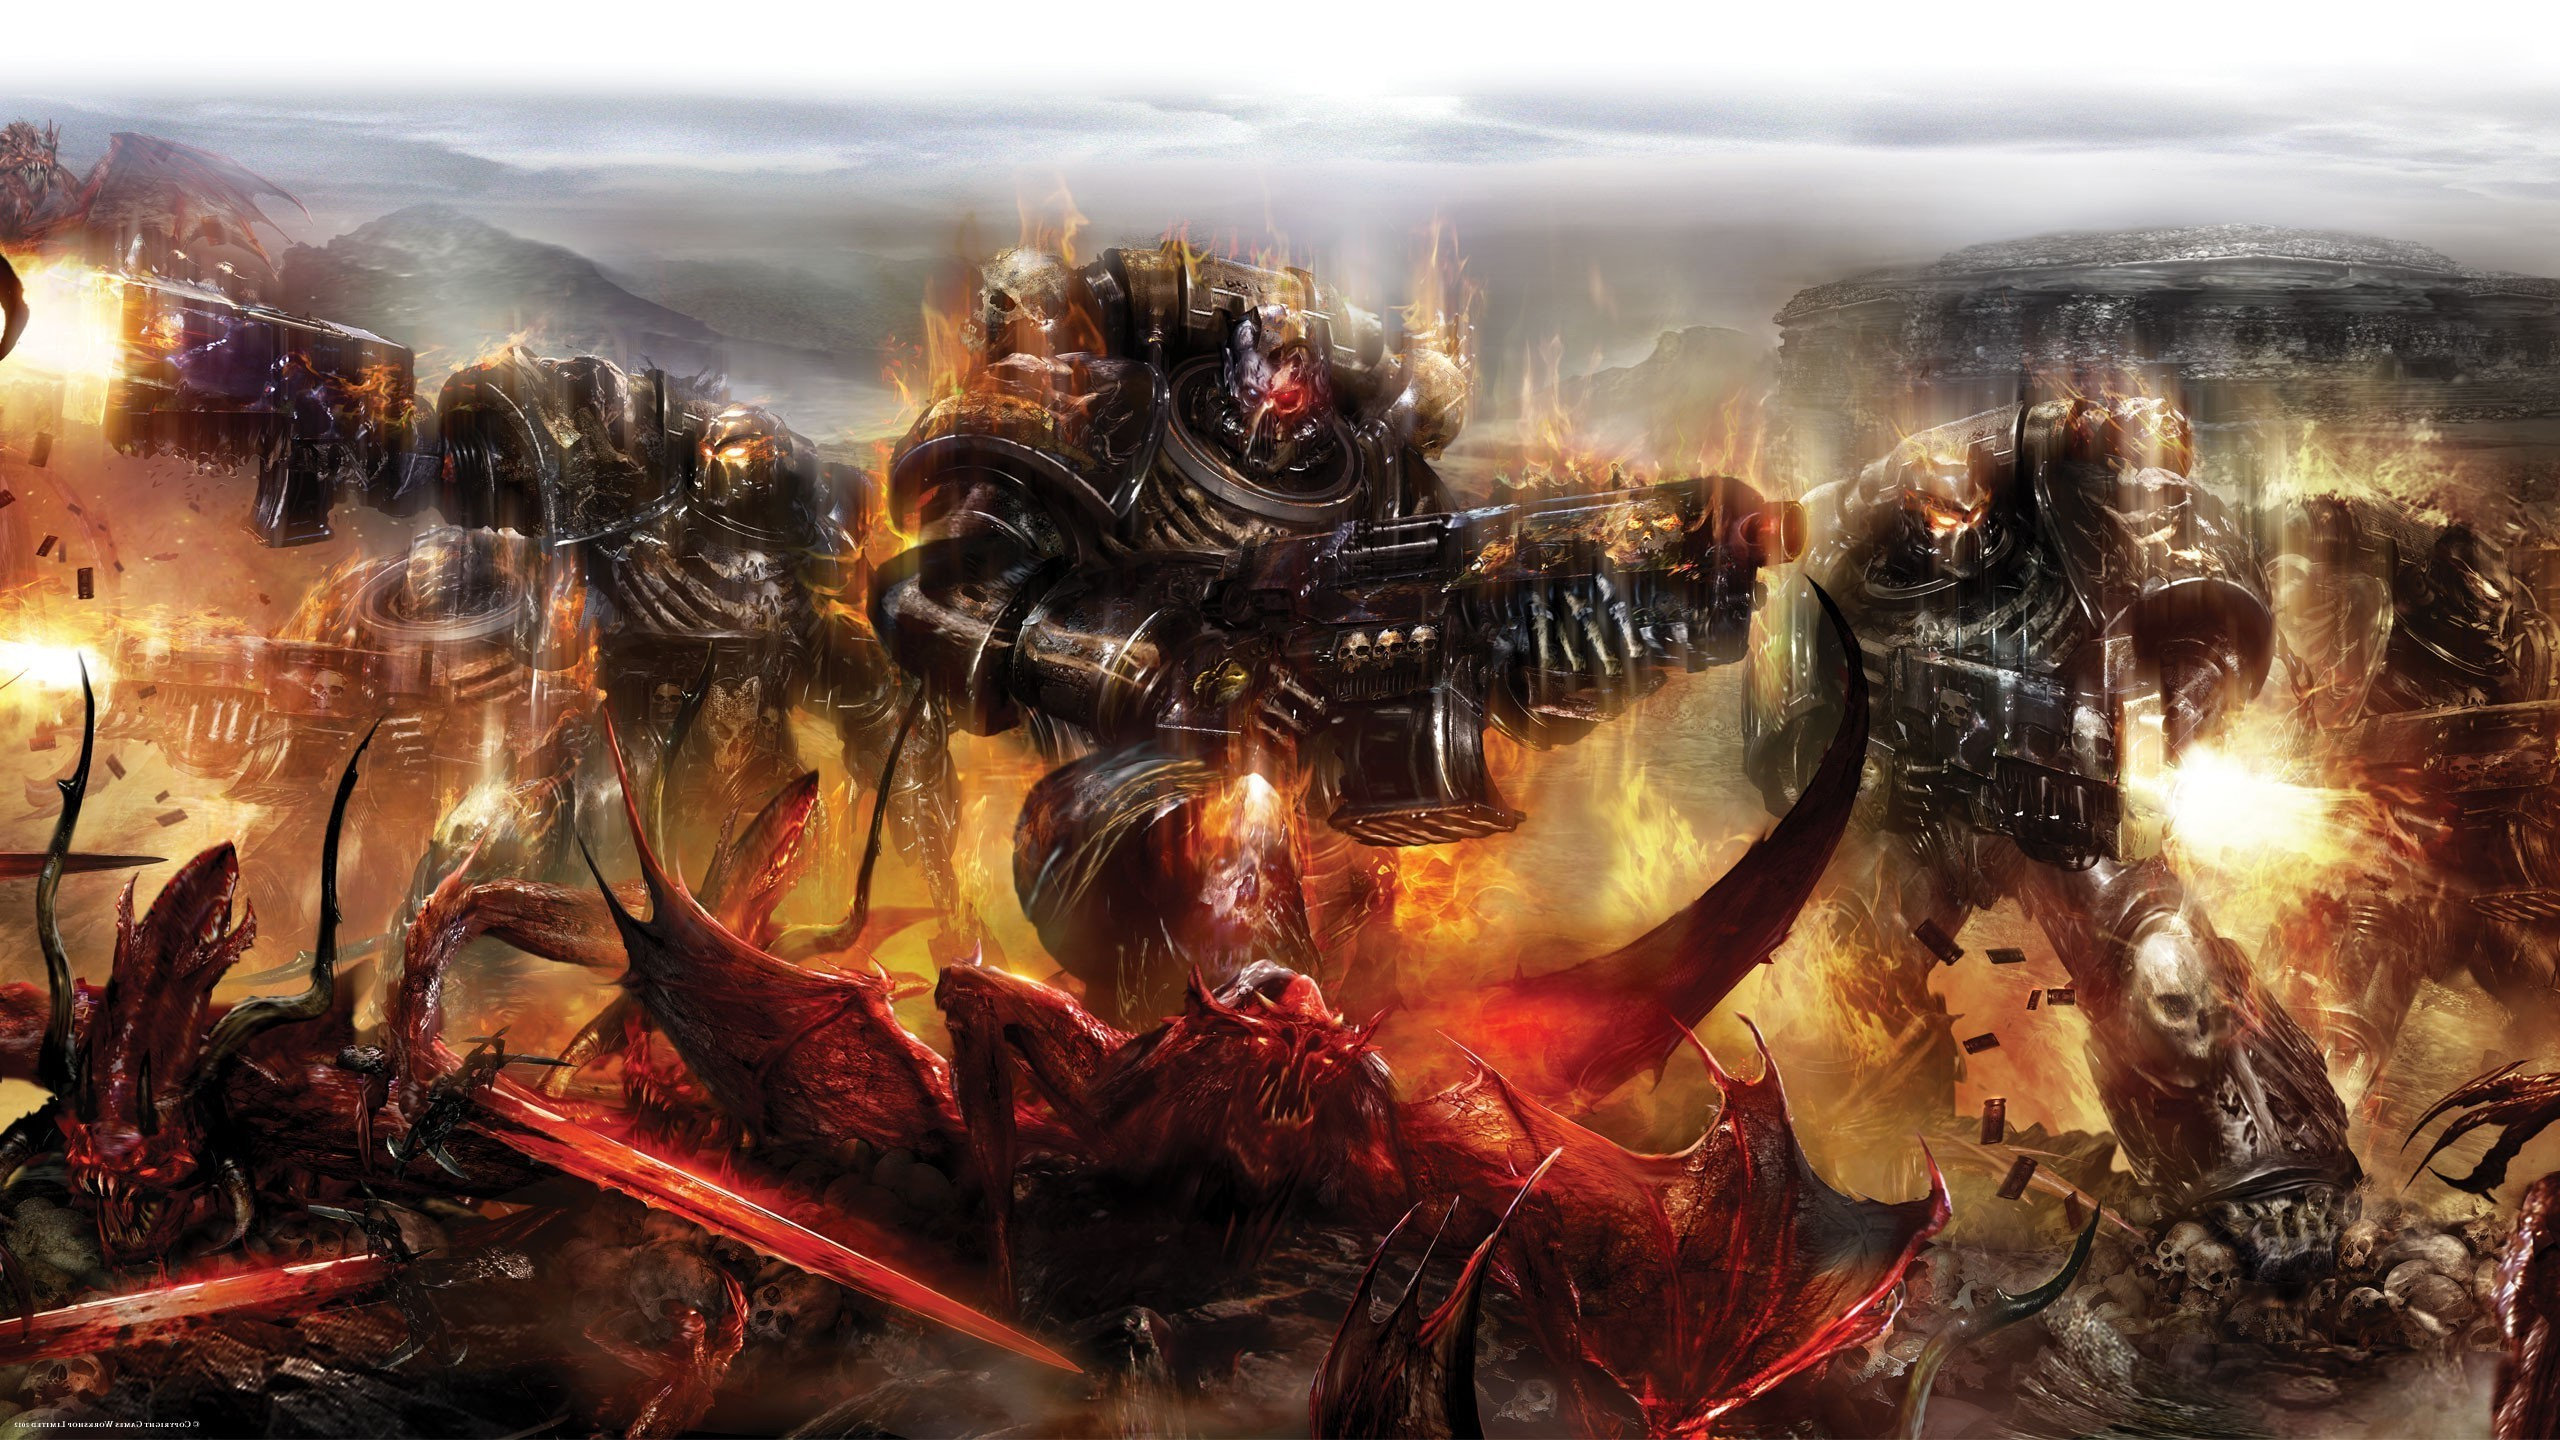 Warhammer Meme Blood 40k Ravens